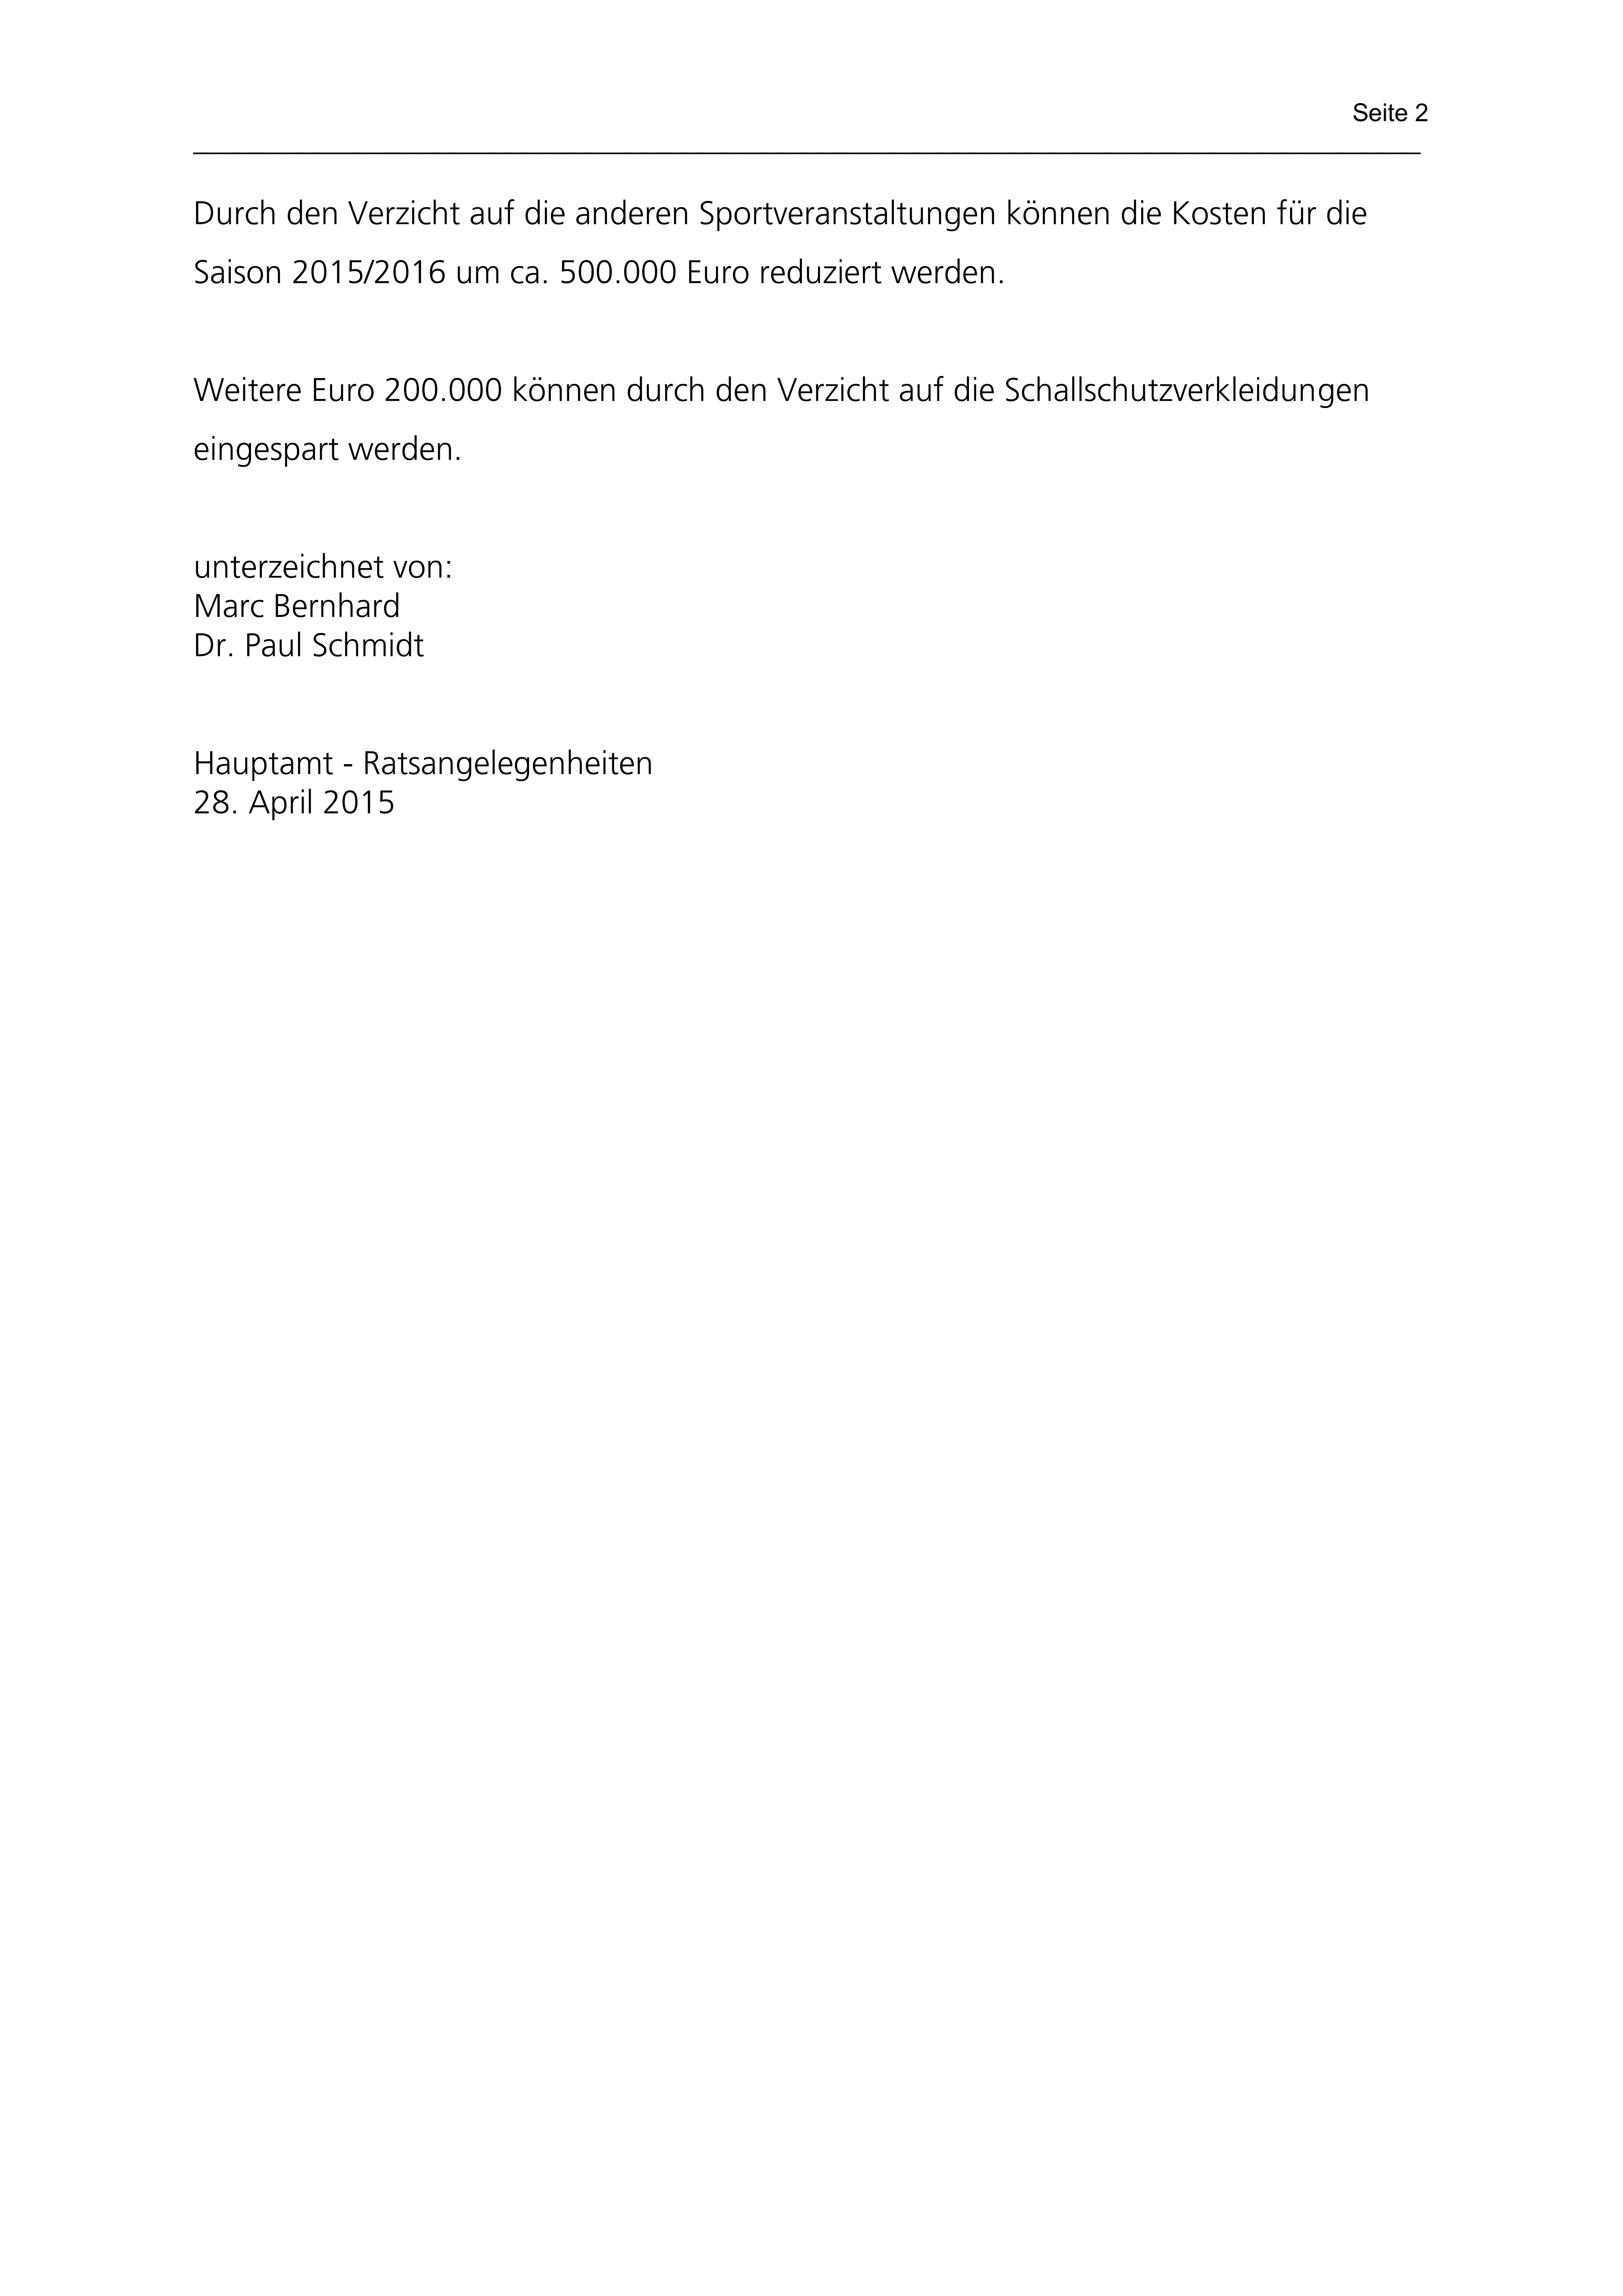 AfD-Verlagerung_Veranstaltungen_002